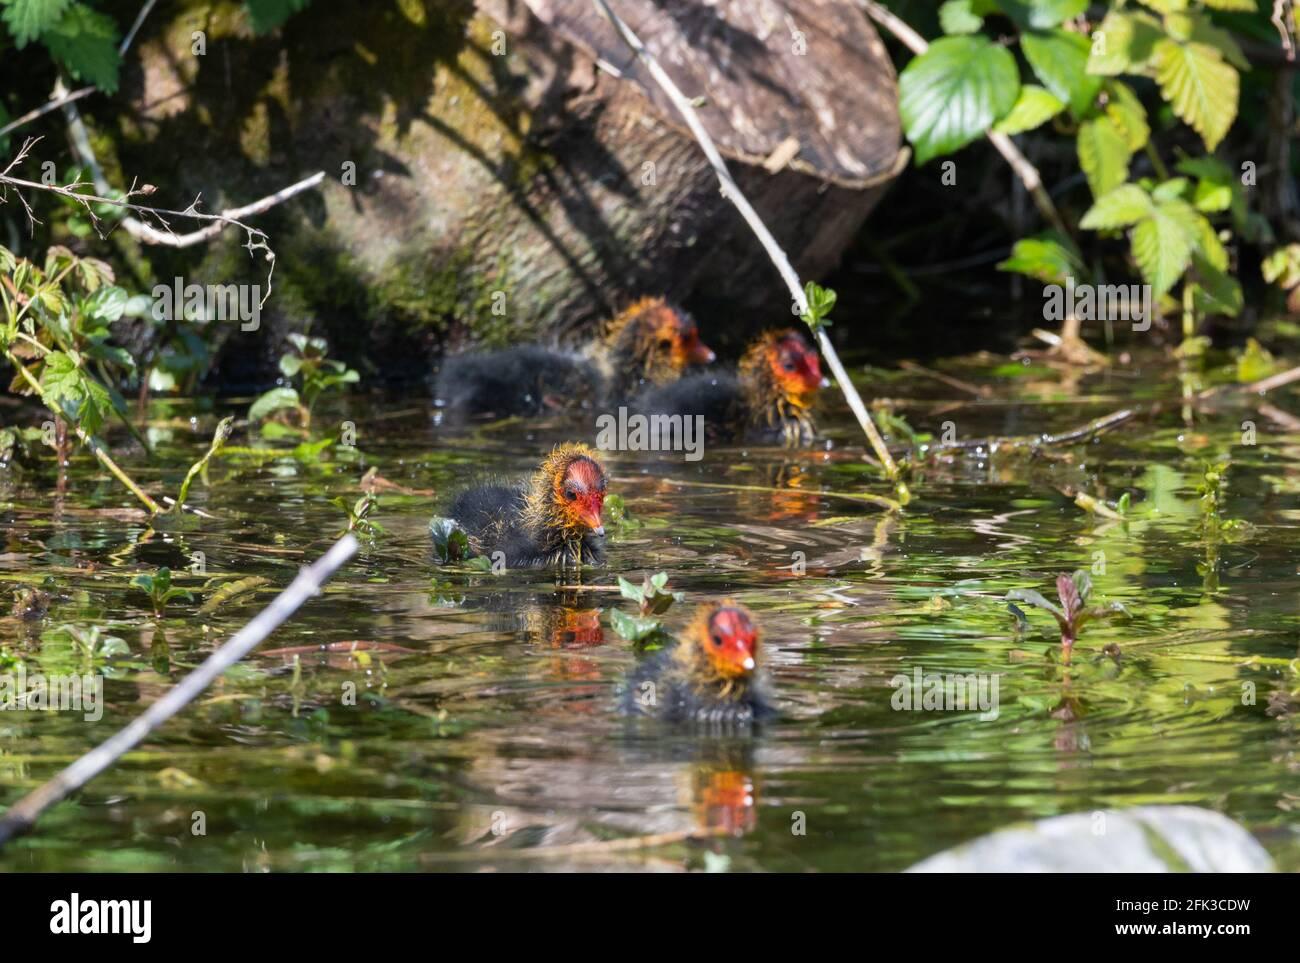 Neugeborene Babycoots, bekannt als Cooties, schwimmen im Frühling in West Sussex, England, Großbritannien im Wasser. Stockfoto